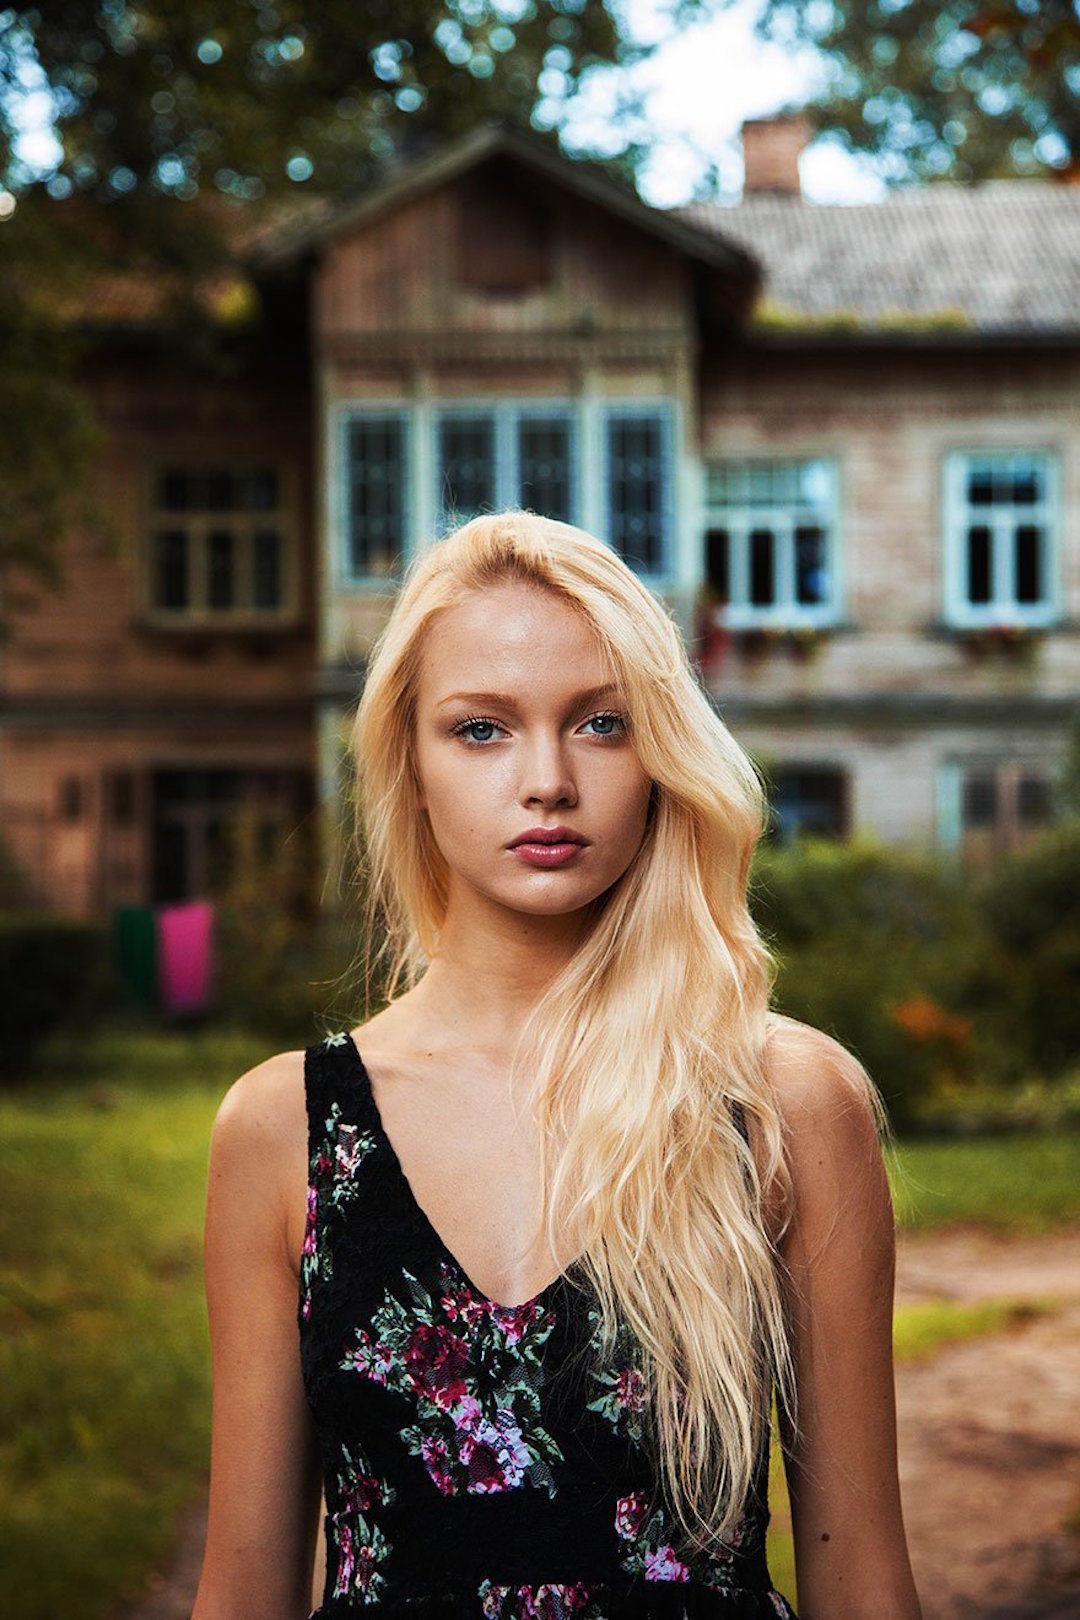 到底怎样定义一个人漂亮与否?全球一组照片重新探讨答案_时尚_好奇心日报